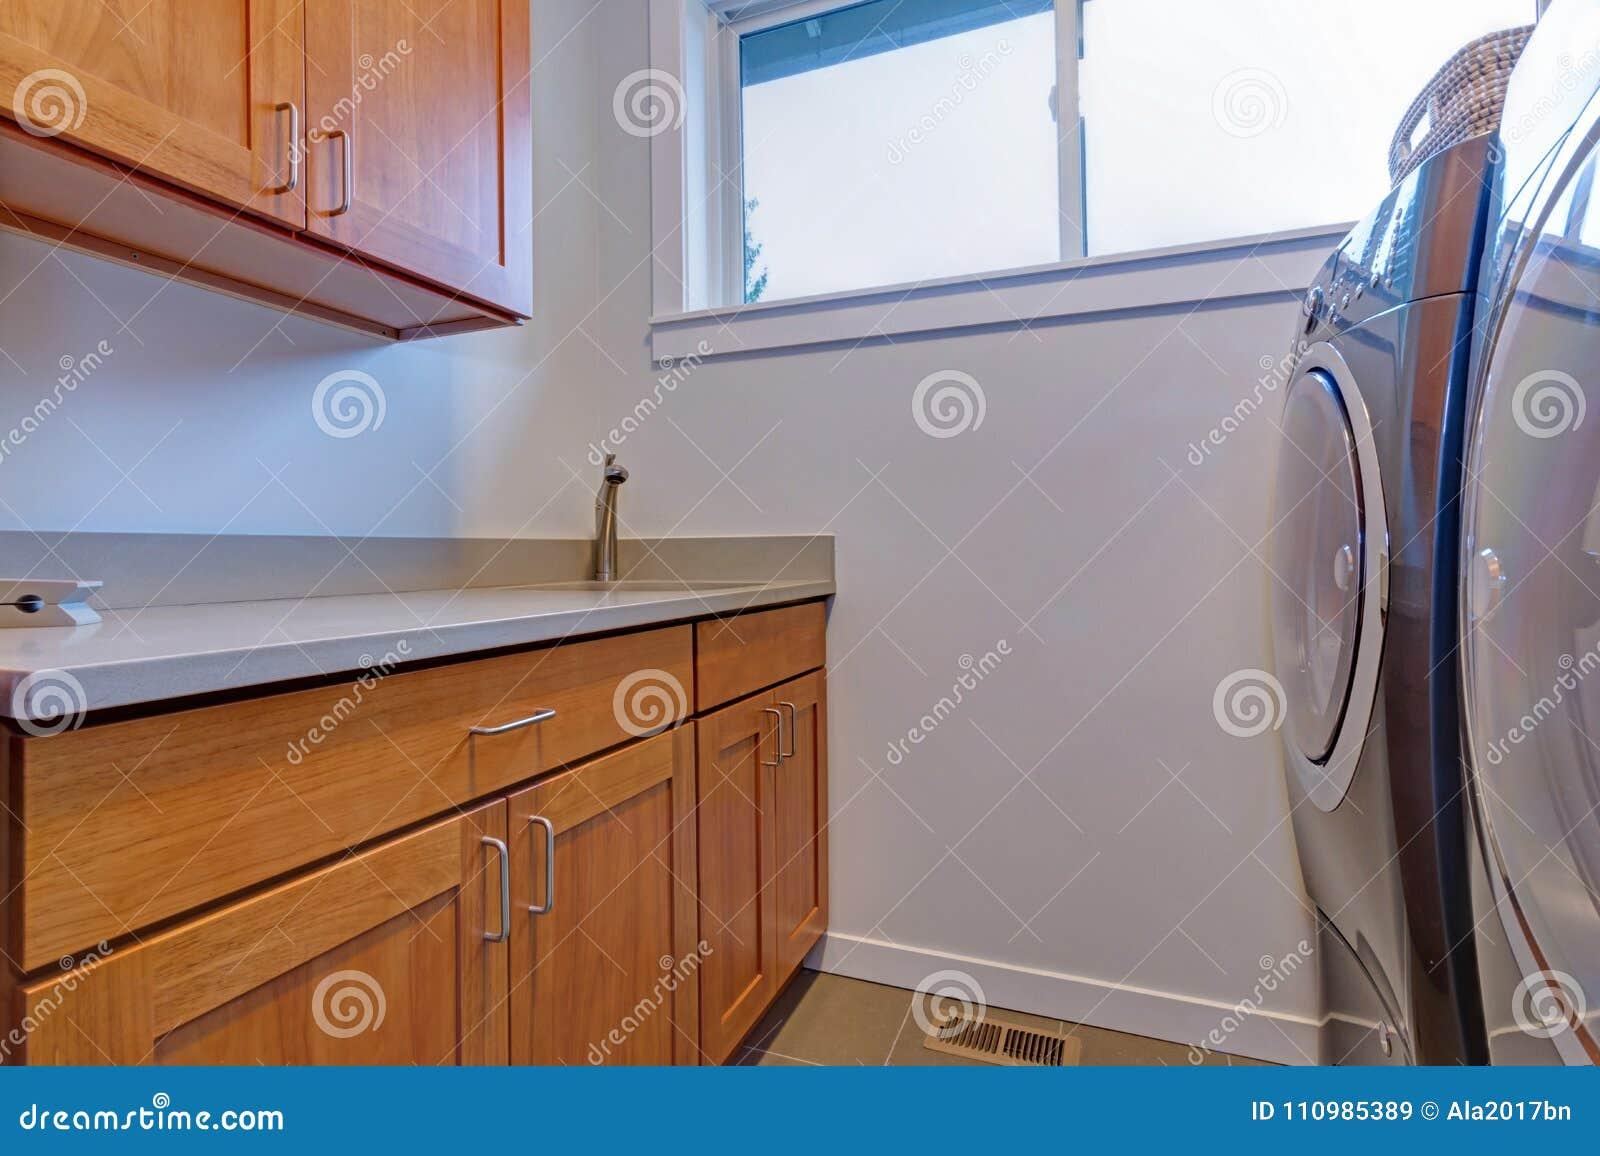 Innenraum der Waschküche mit hölzernen Kabinetten